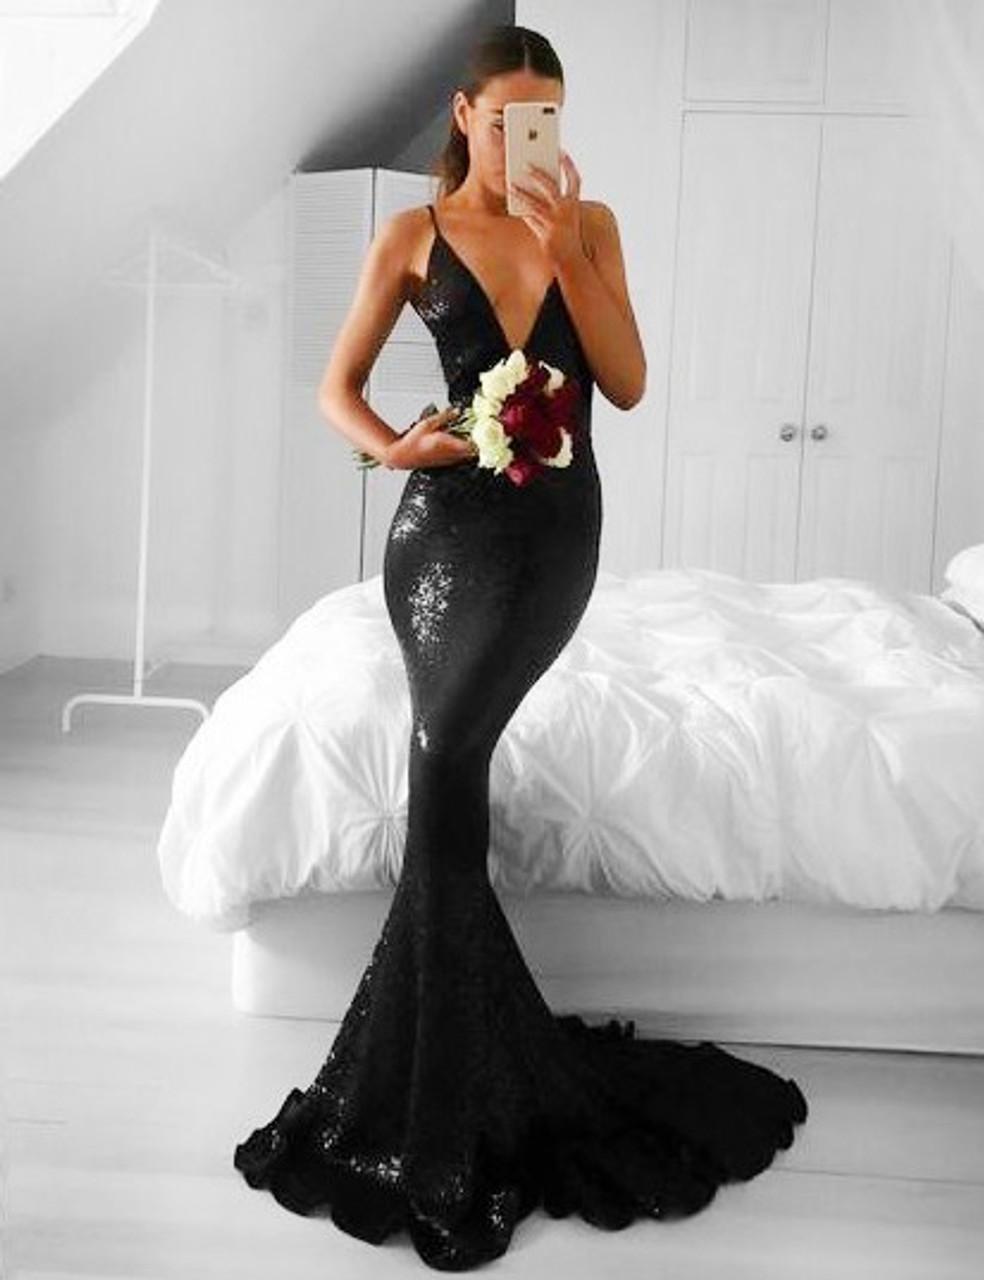 Mermaid V Neck Sleeveless Long Black Sequin Prom Dress